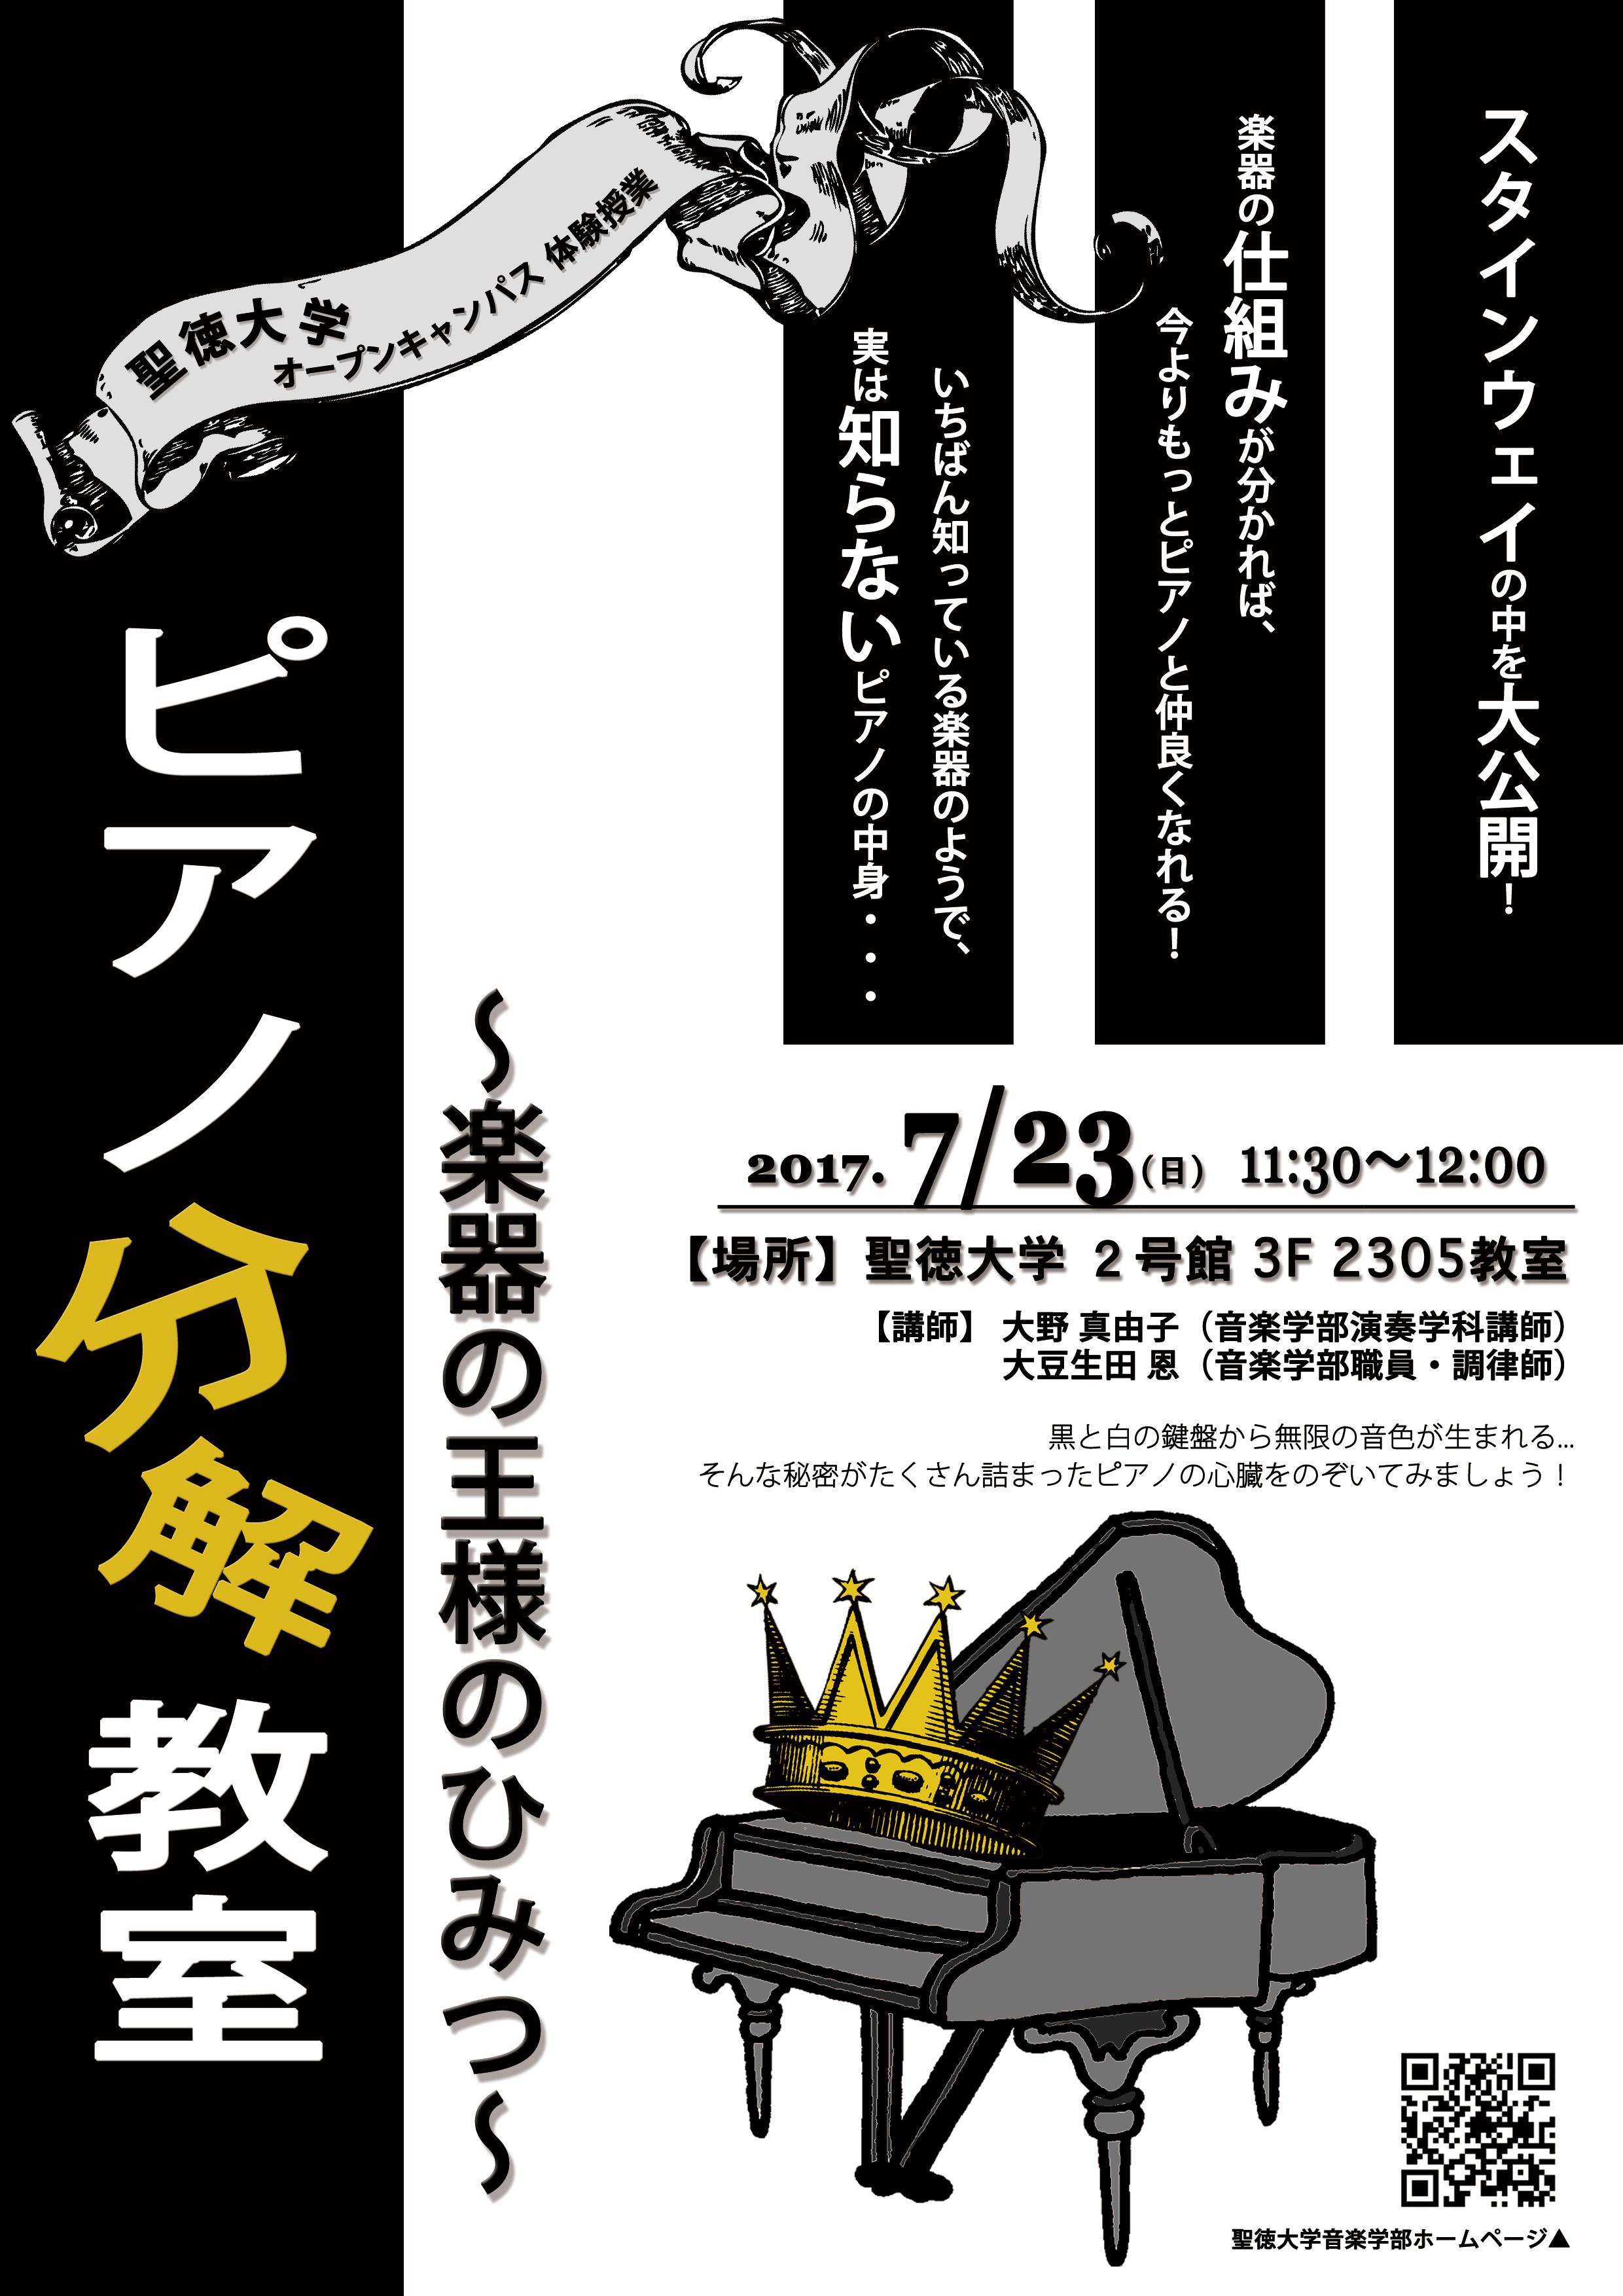 7月23日(日)オープンキャンパスを開催します!~ピアノ分解教室&音楽療法体験授業を実施~